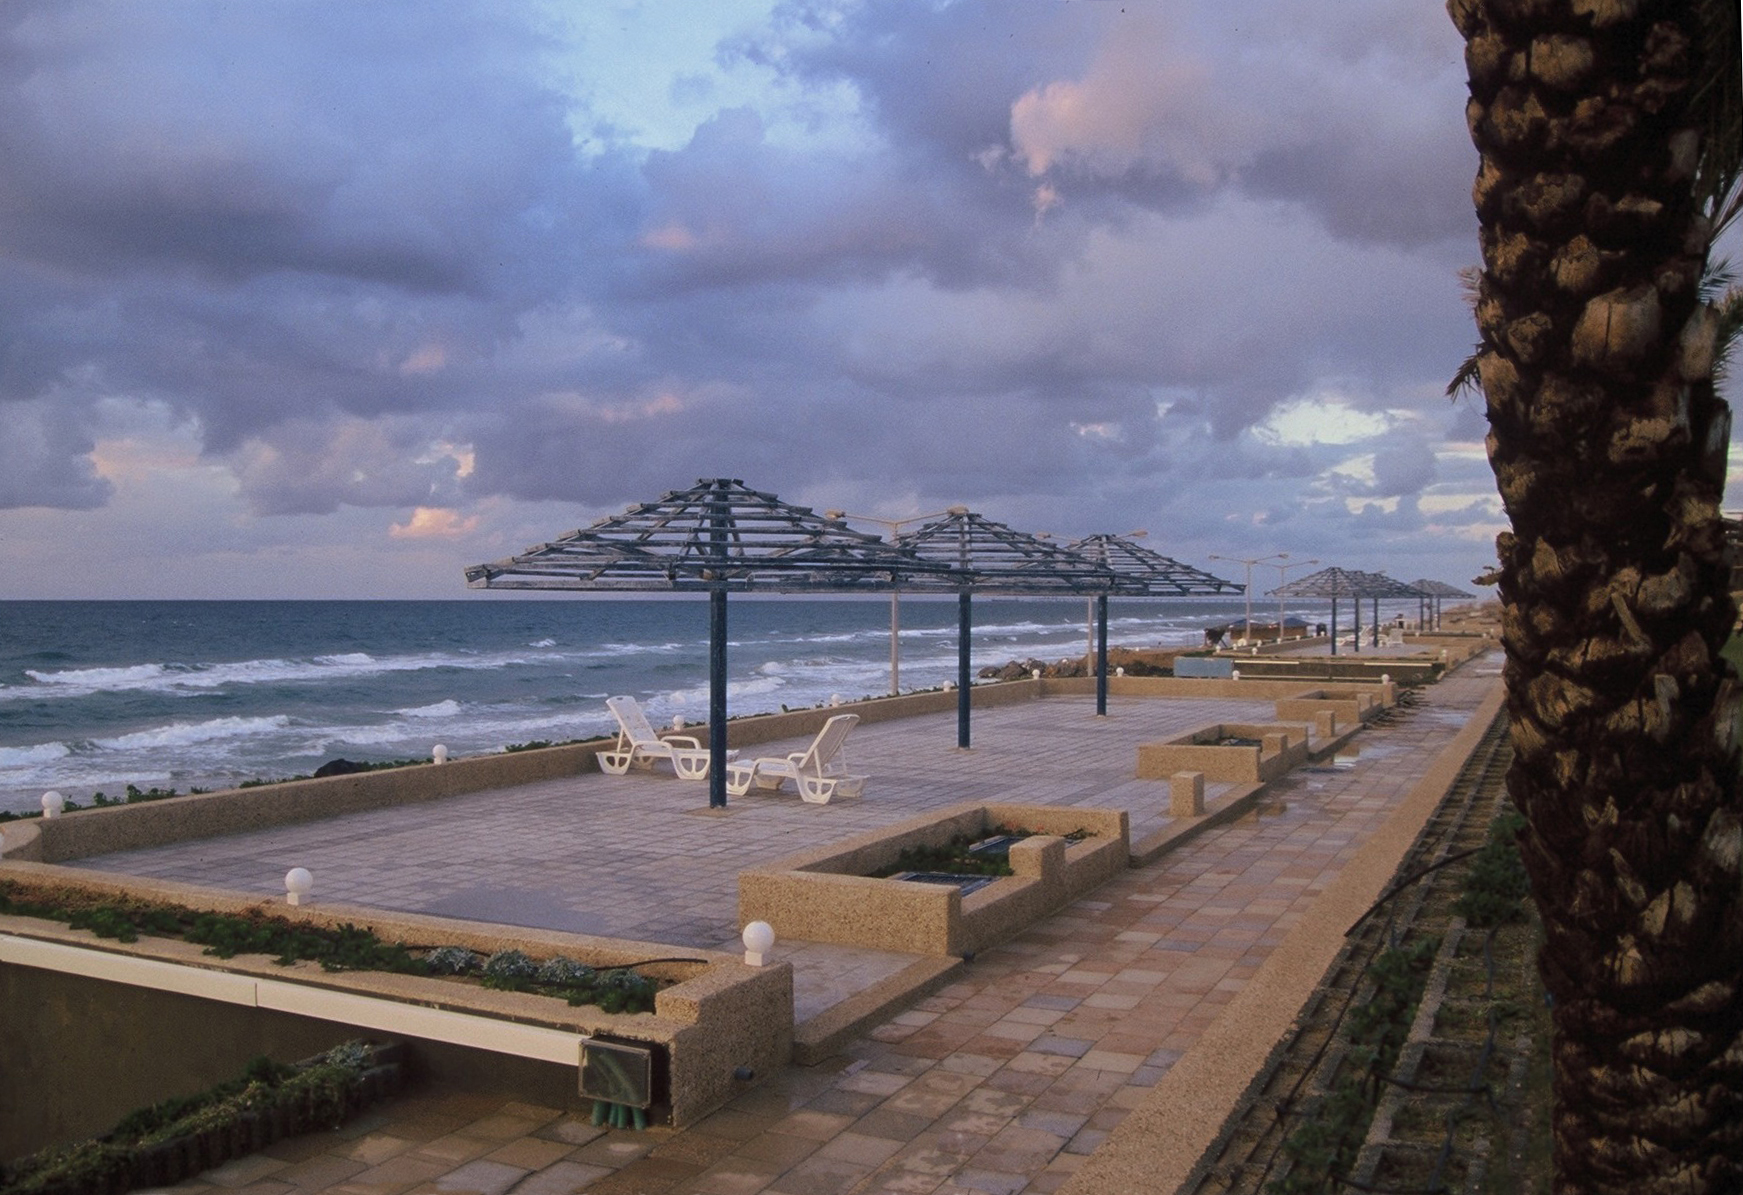 עזה 2000- יואל שתרוג - אדמה יוצרת - gaza 2000- yoel sitruk